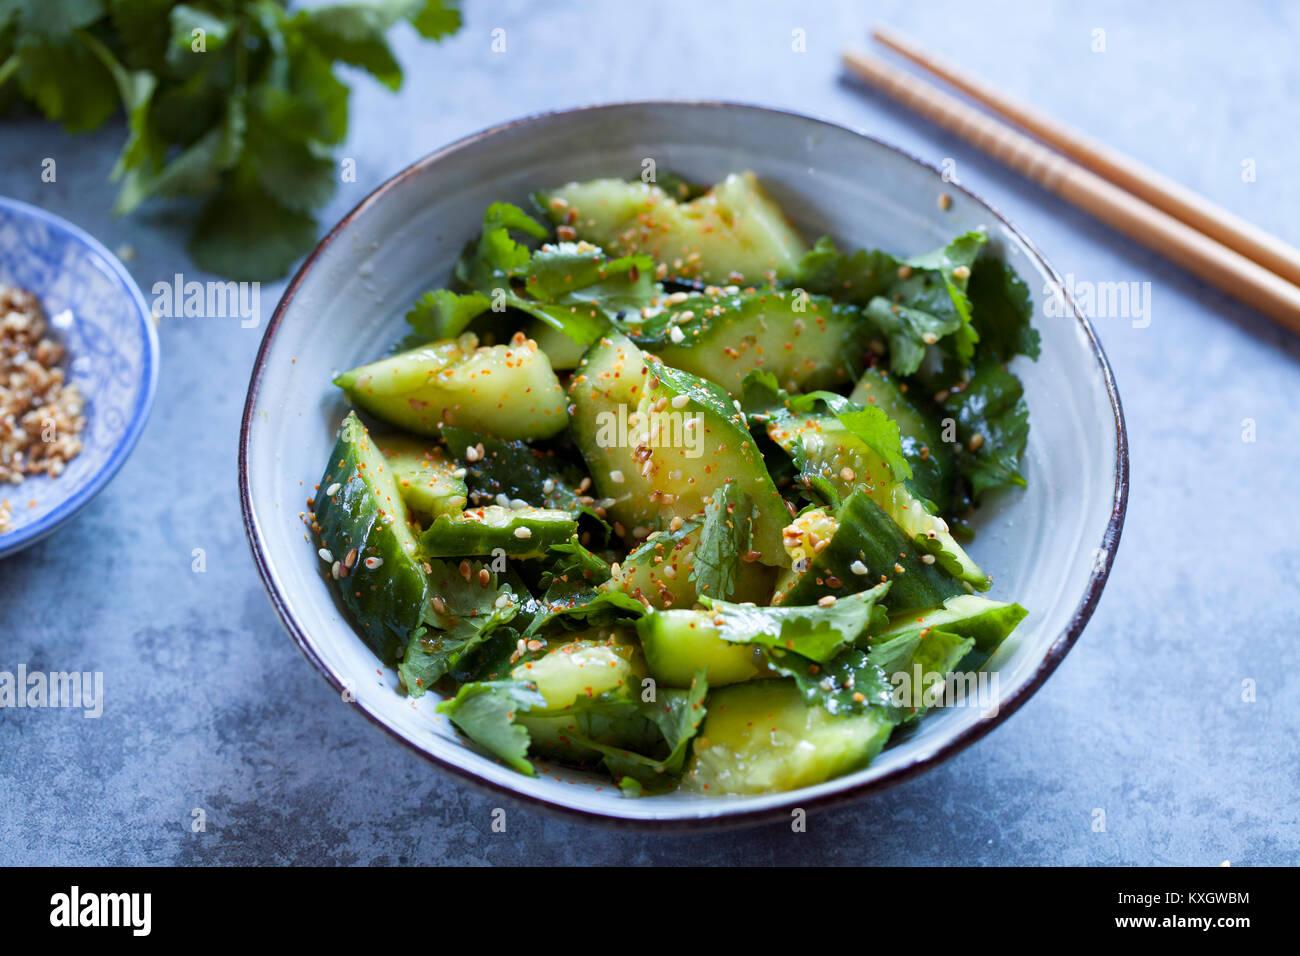 Asian cucumber salad - Stock Image